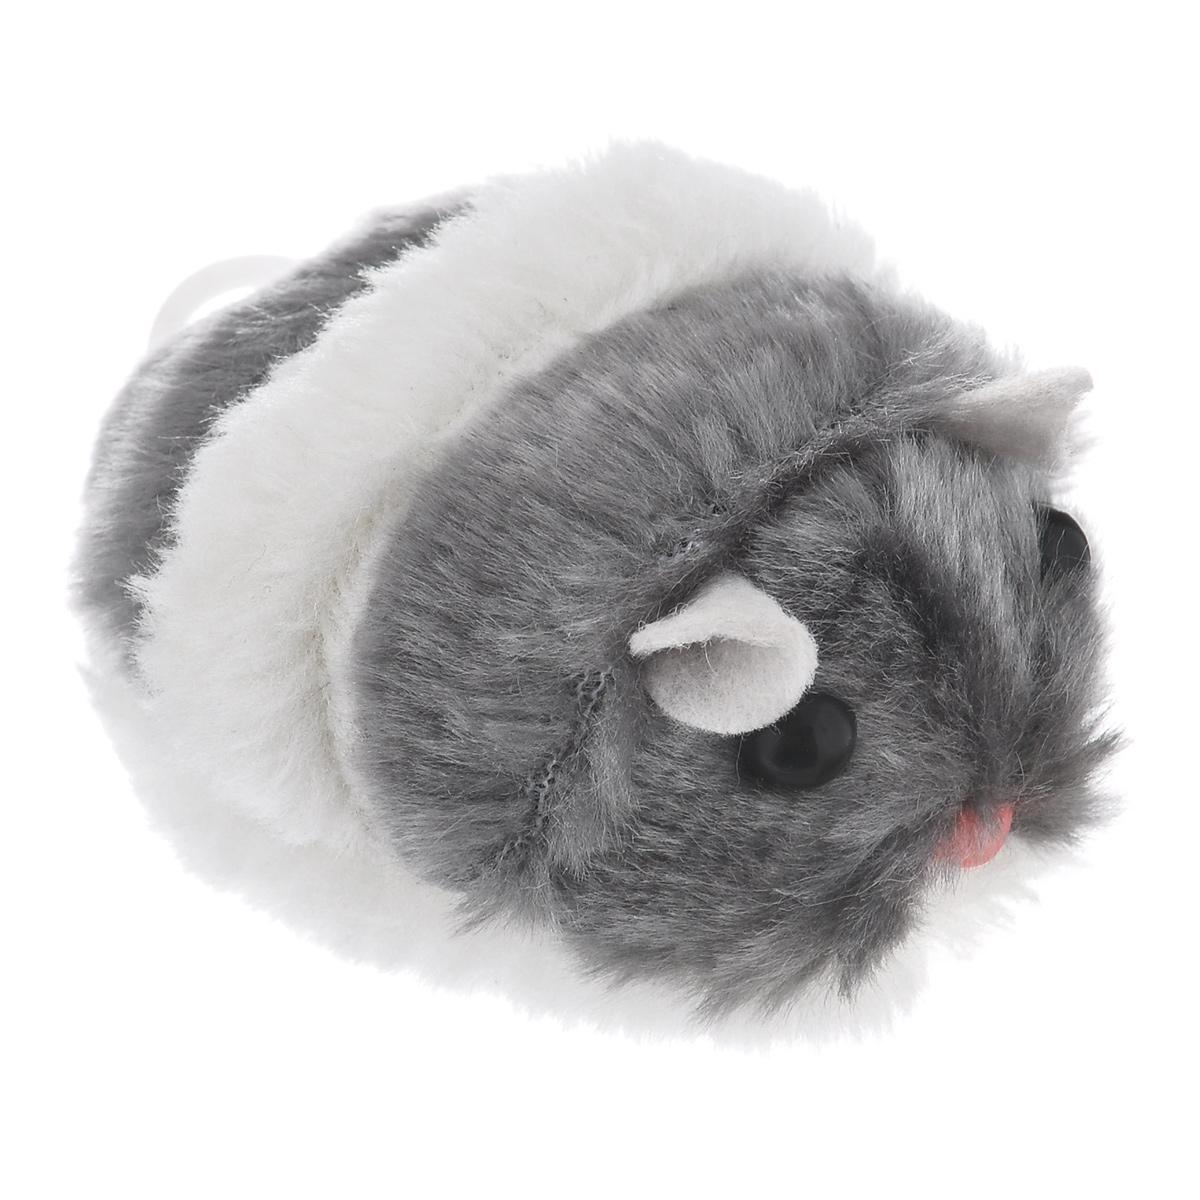 Игрушка для кошек Beeztees Хомячок вибрирующий, цвет: белый, серый16382/440370Игрушка для кошек I.P.T.S. Хомячок вибрирующий, изготовленная из пластика и текстиля, привлечет внимание вашей кошки. Изделие оснащено заводным механизмом. Игрушка не требует батареек, просто вытащите веревку механизма до упора и хомячок начнет двигаться. Такая игрушка не навредит здоровью вашего питомца и увлечет его на долгое время.